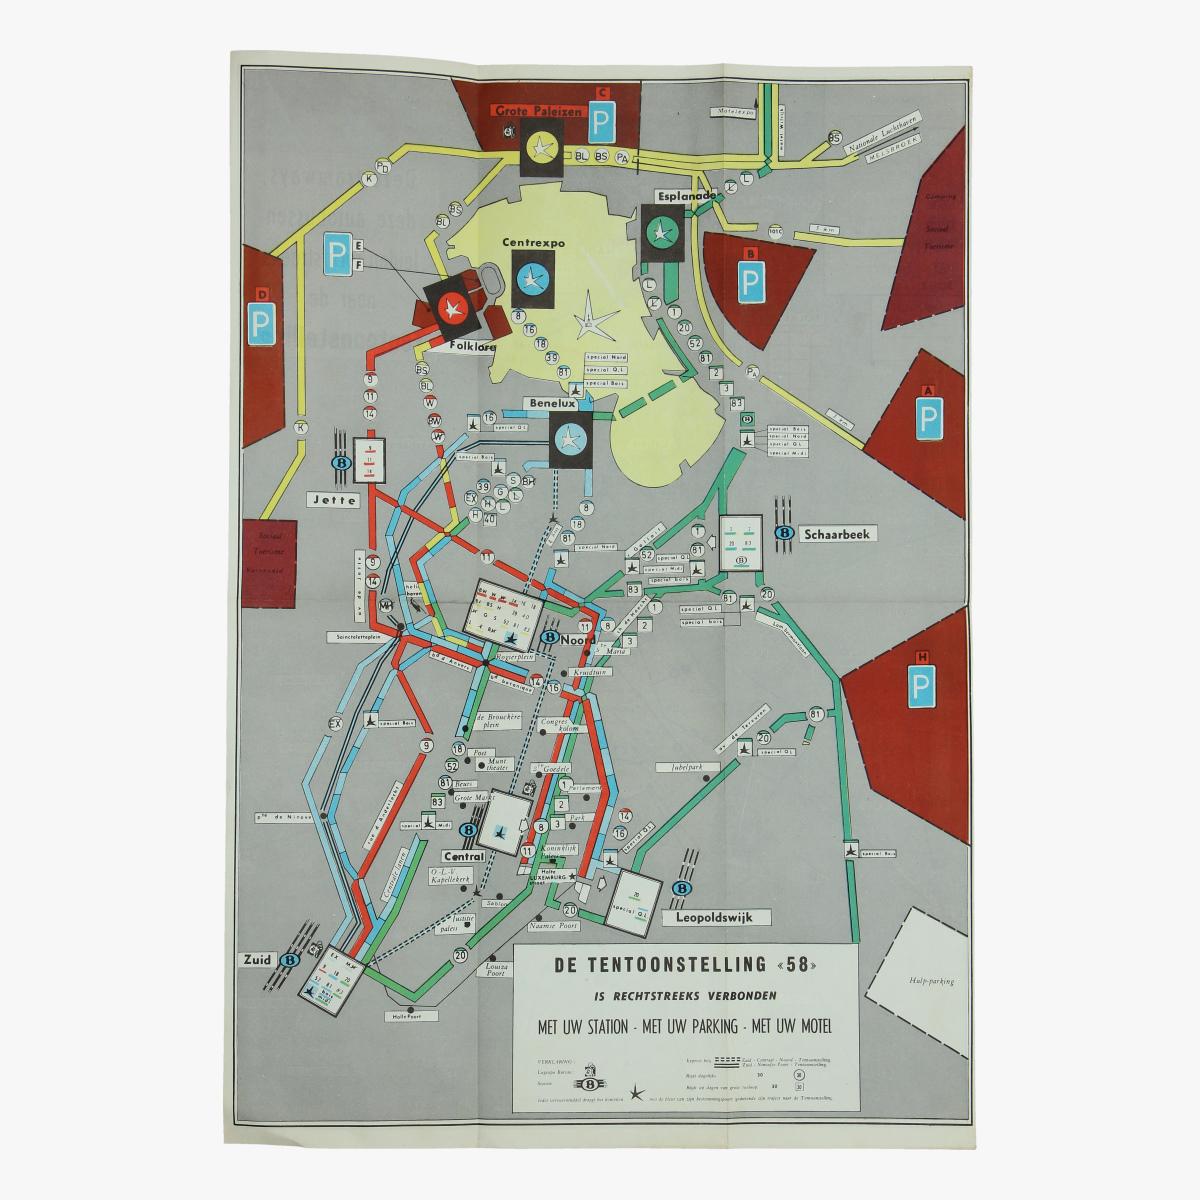 Afbeeldingen van expo 58 kaart deze tramways deze autobussen leiden rechtstreeks naar de tentoonstelling